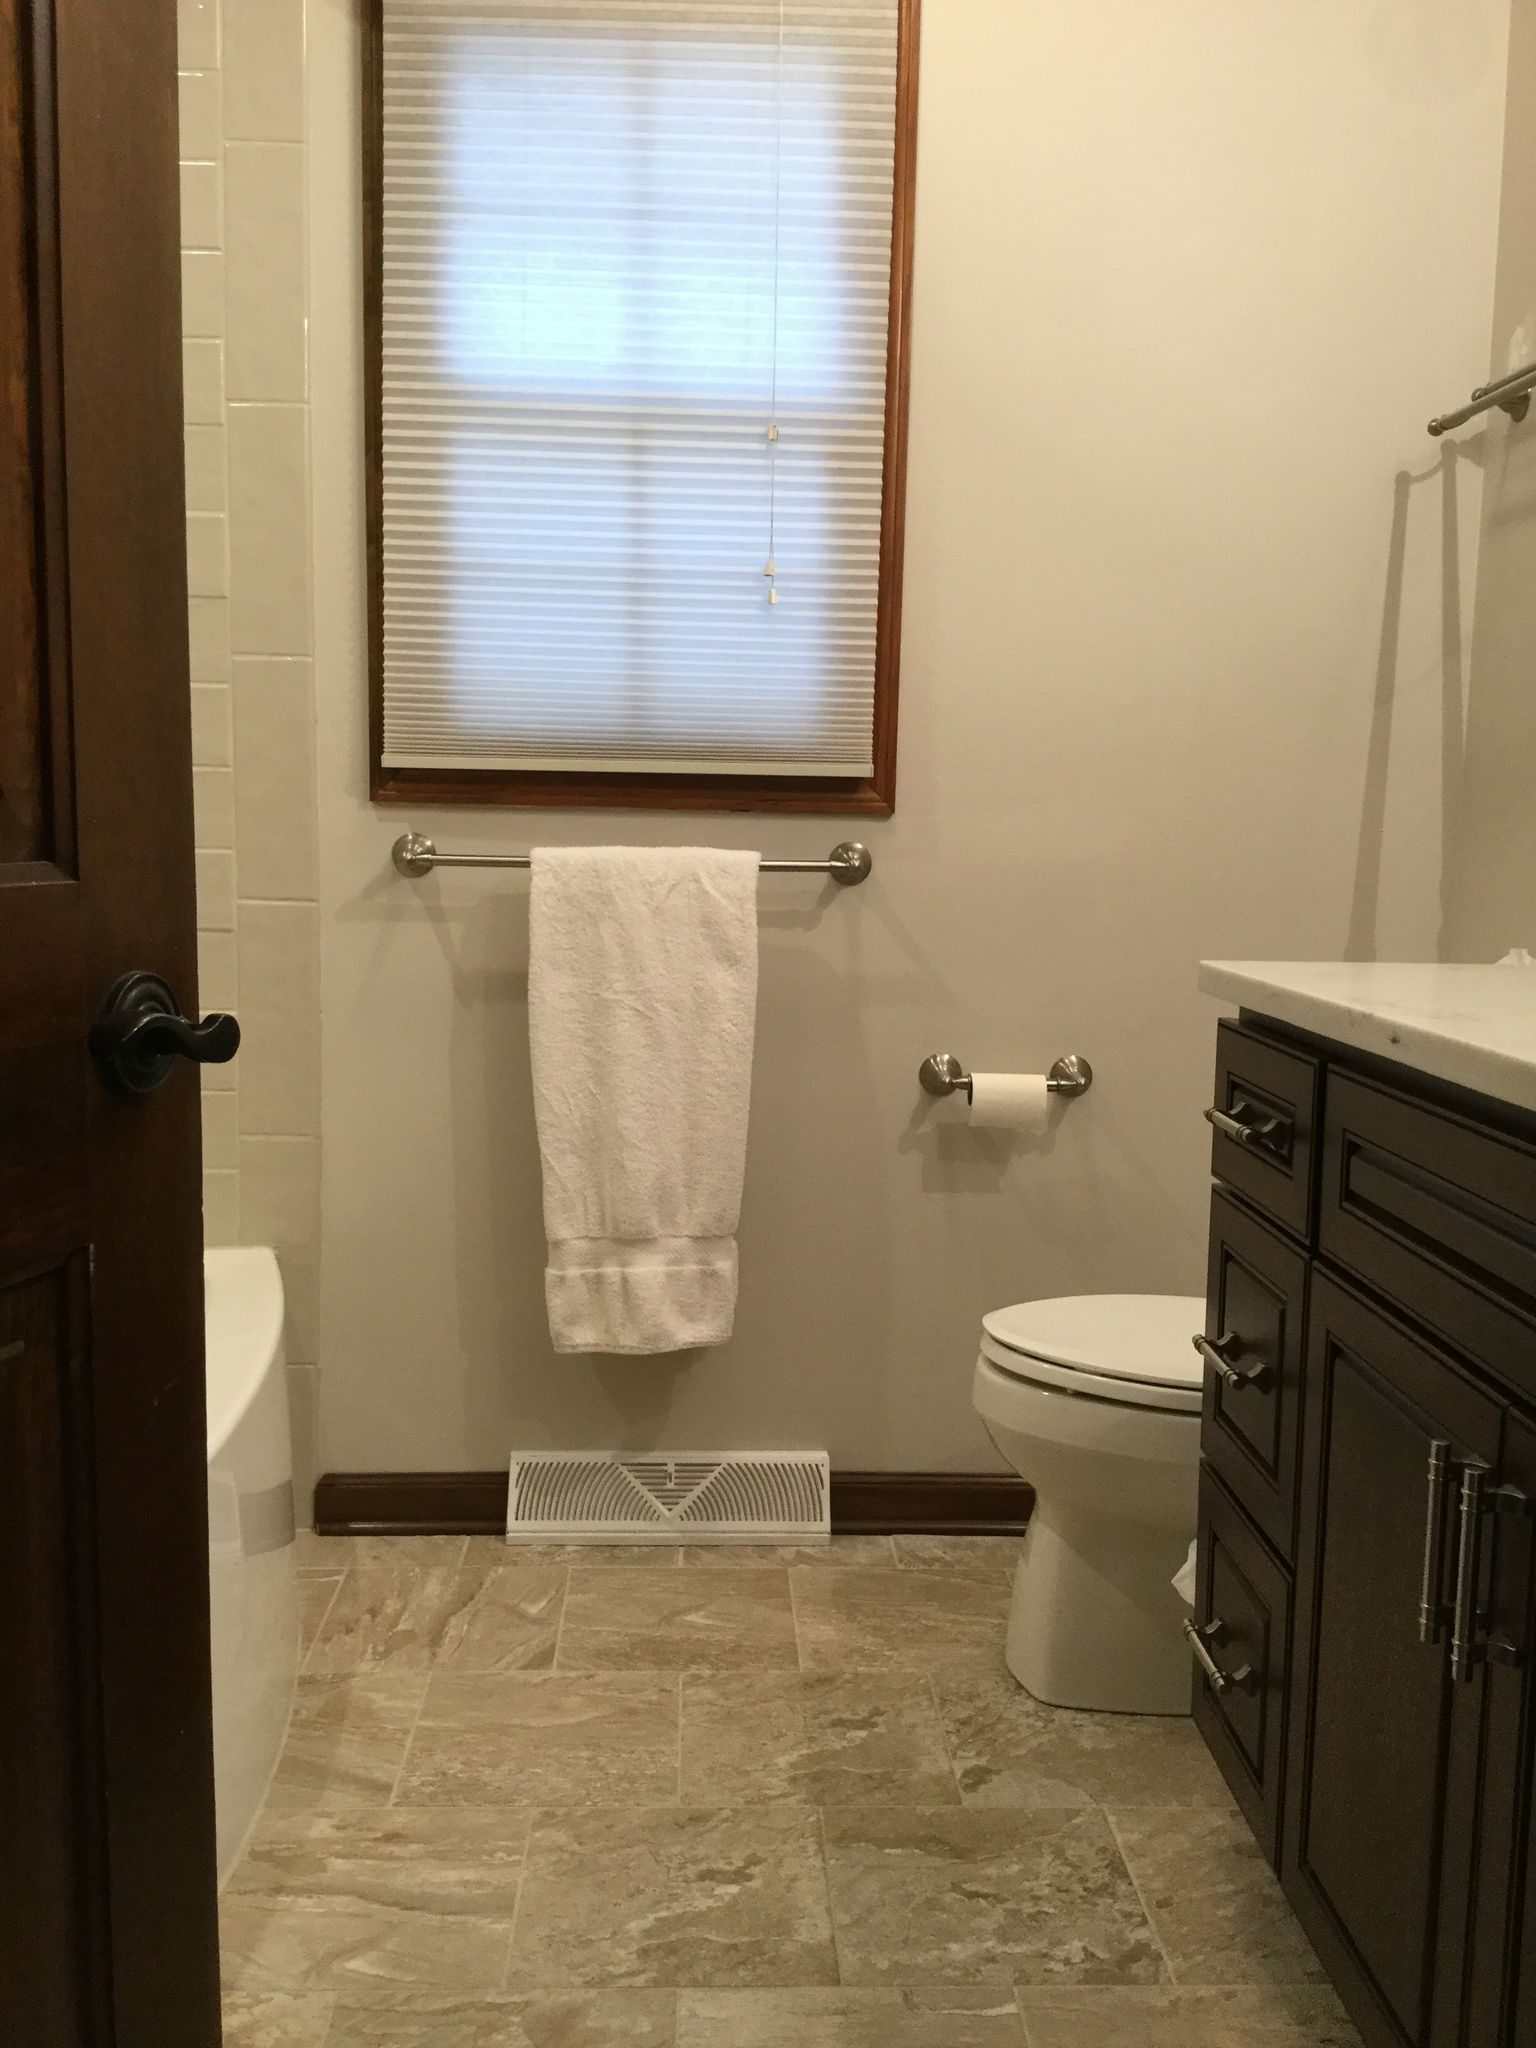 Floor tile  porcelain La Platera States   Snow  Bathroom Vanity  Bertch  Hudson. Floor tile  porcelain La Platera States   Snow  Bathroom Vanity